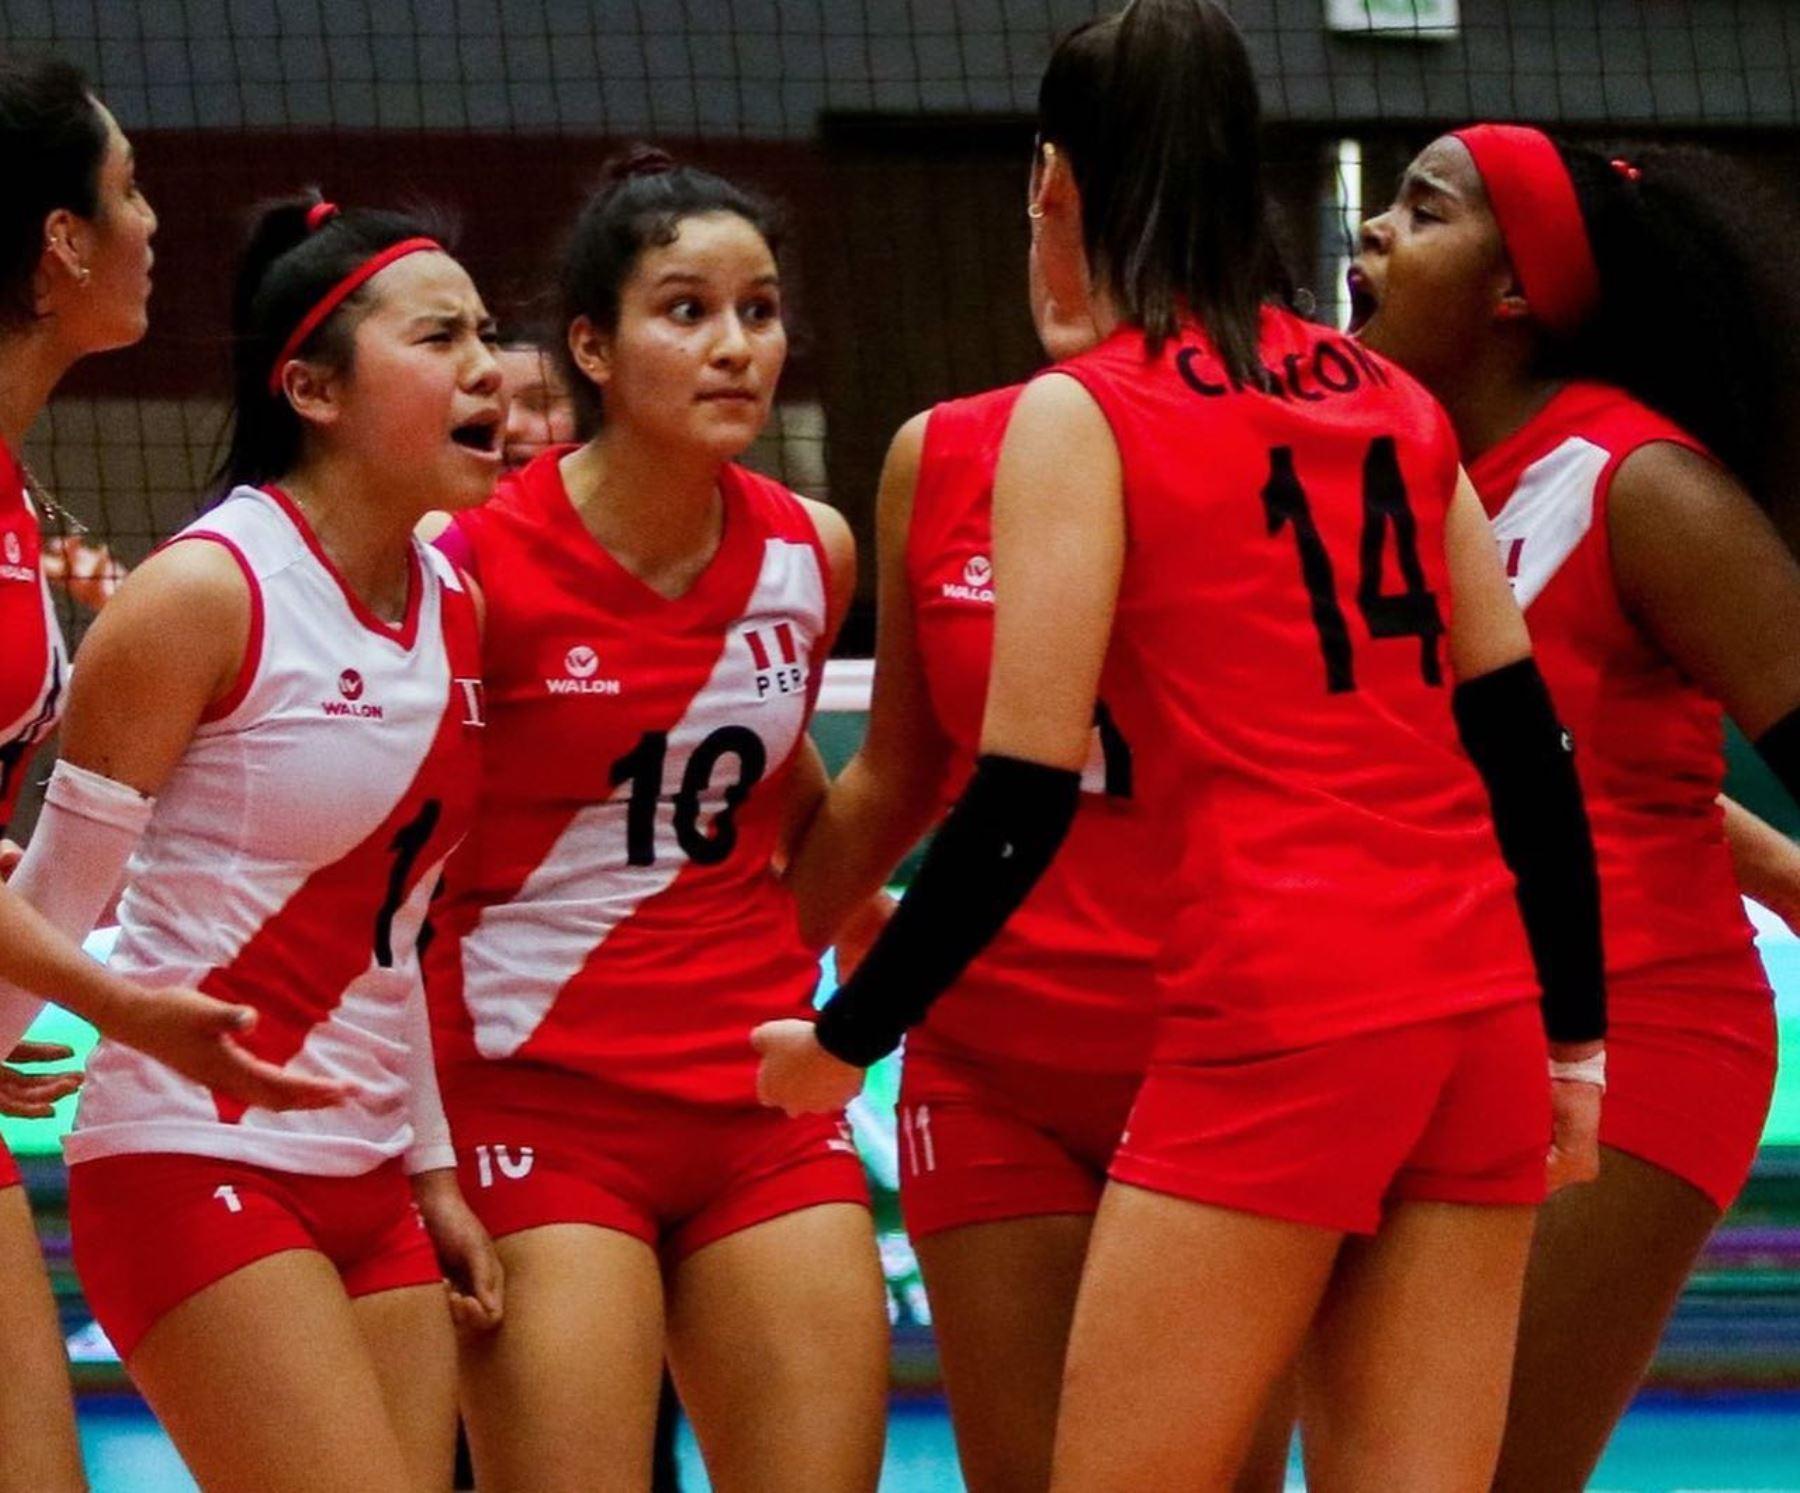 La selección peruana enfrenta hoy a Turquía por la segunda jornada del Mundial Femenino de Vóley Sub-18.